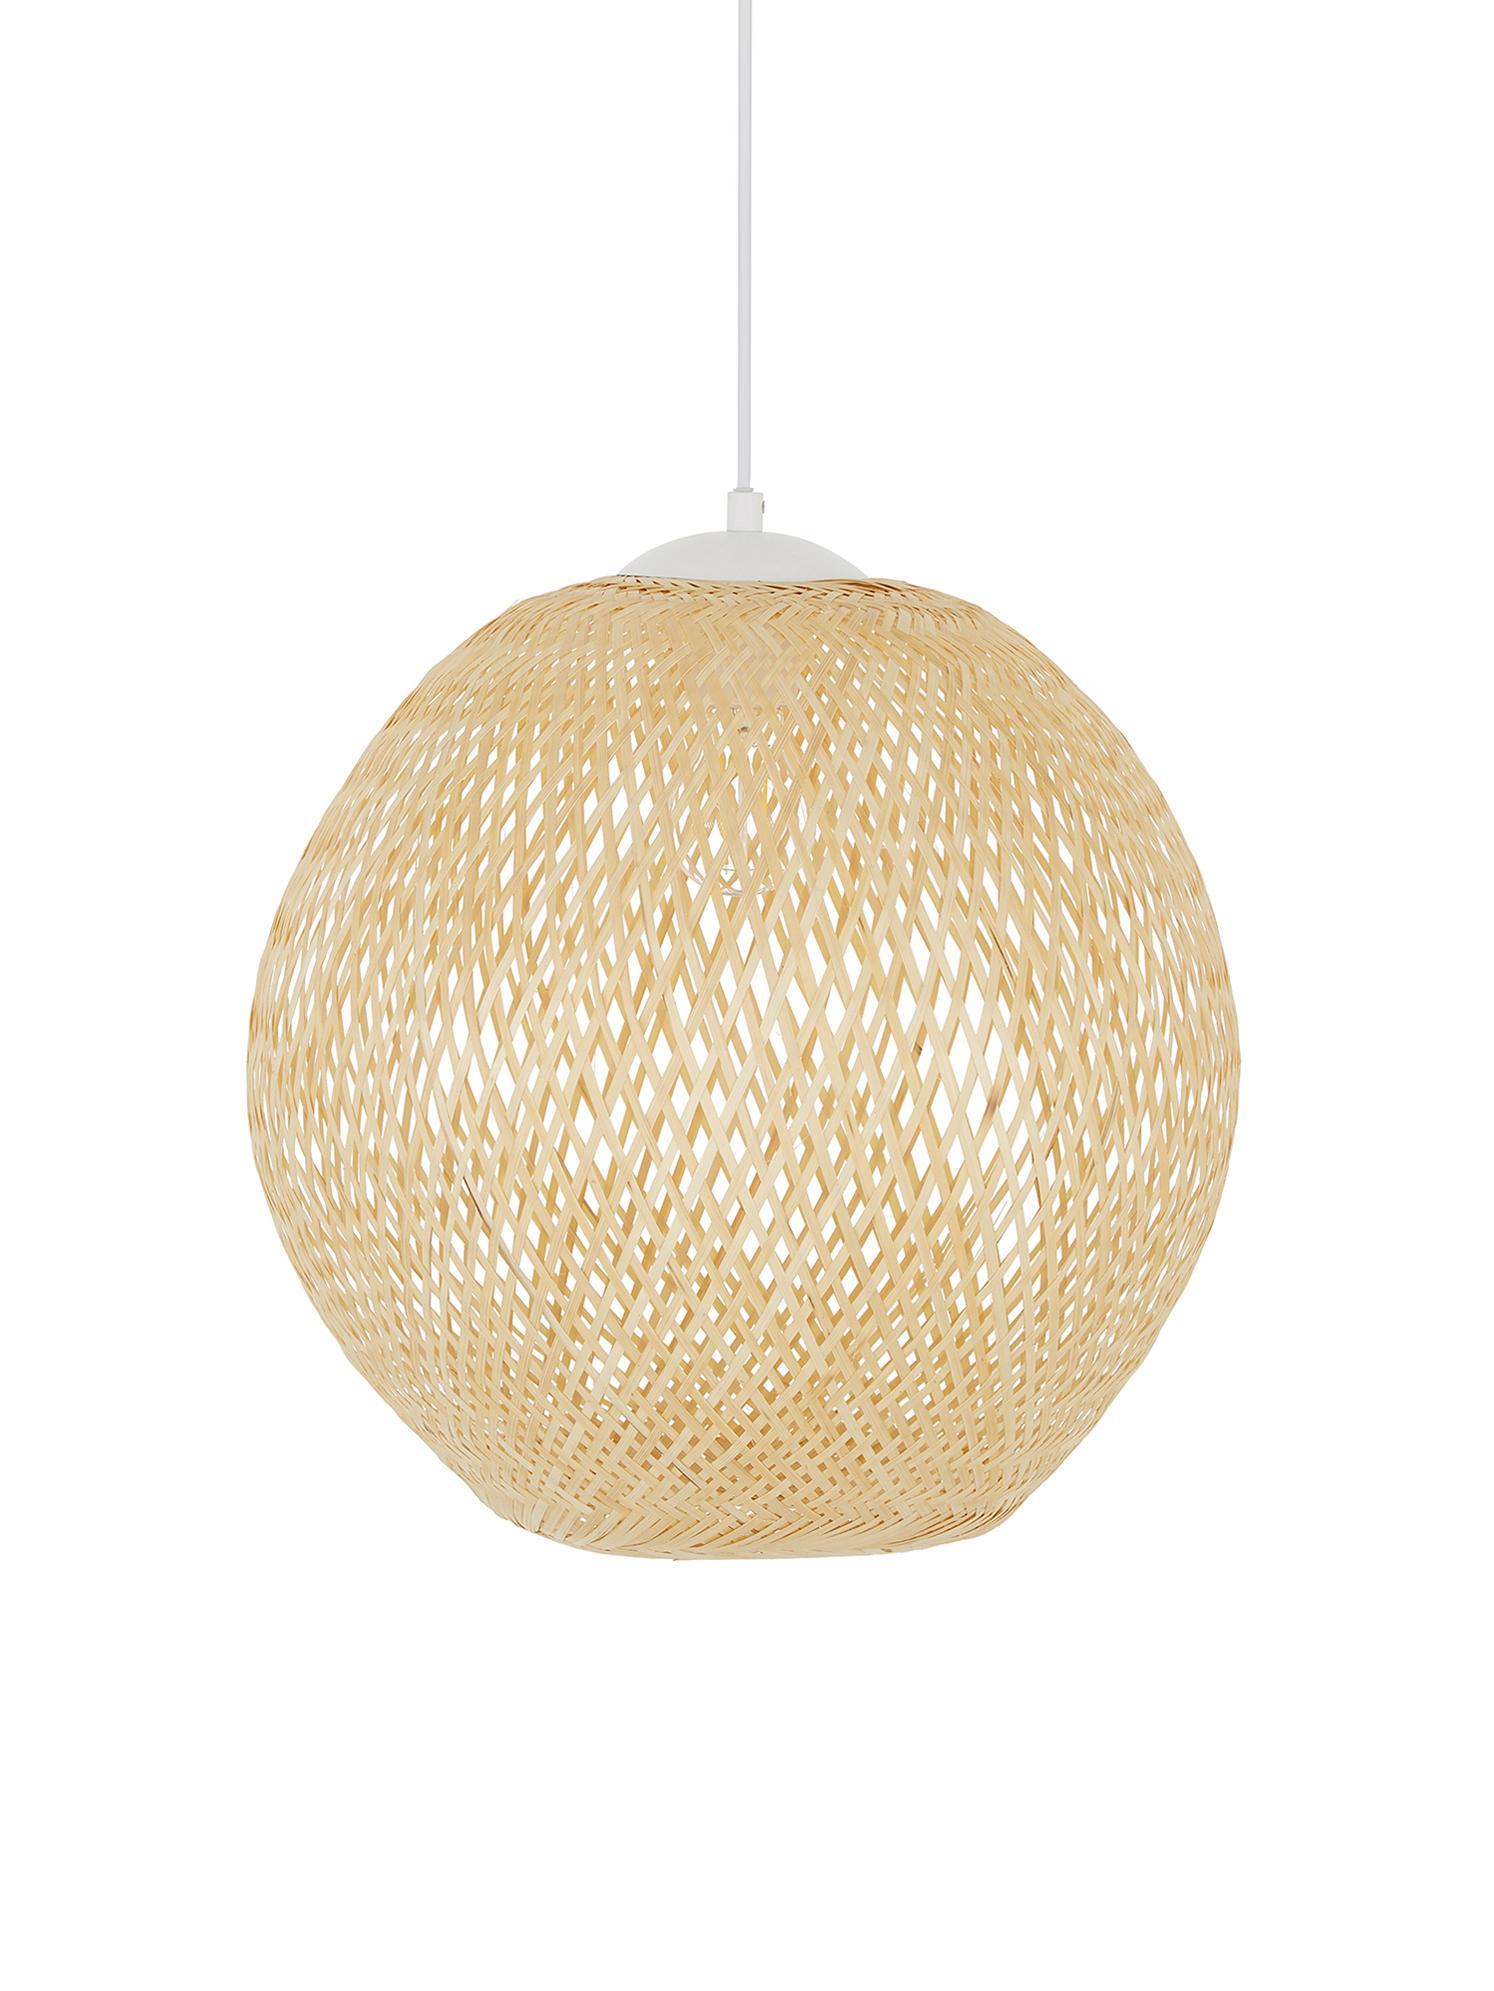 Pendelleuchte Jess aus Bambus, Lampenschirm: Bambus, Lampenschirm: BambusBaldachin und Lampengestell: Weiss, mattKabel: Weiss, Ø 40 x H 39 cm